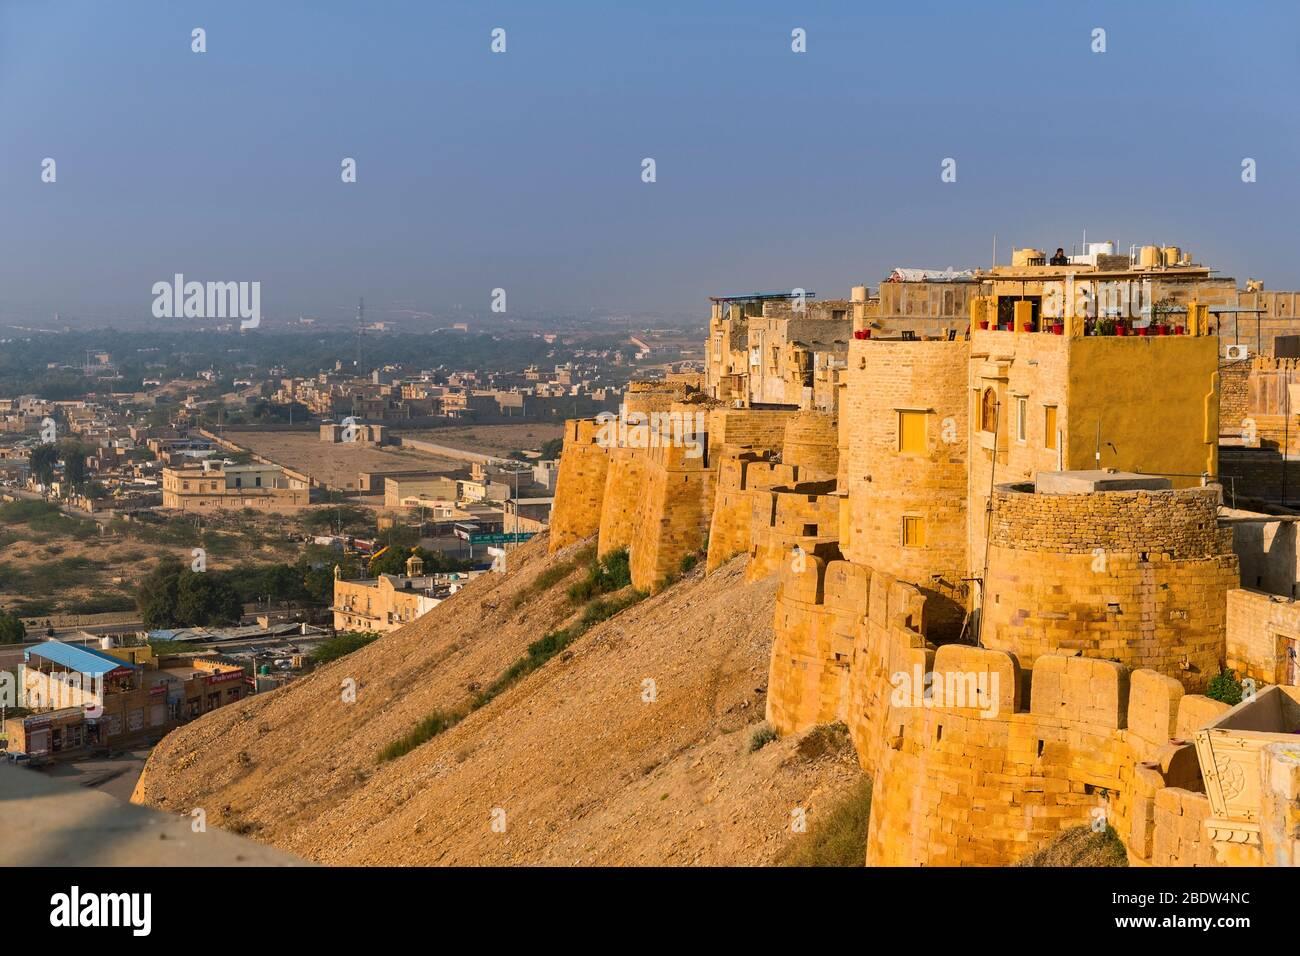 Vista de la ciudad desde Jaisalmer fuerte Rajasthan India Foto de stock